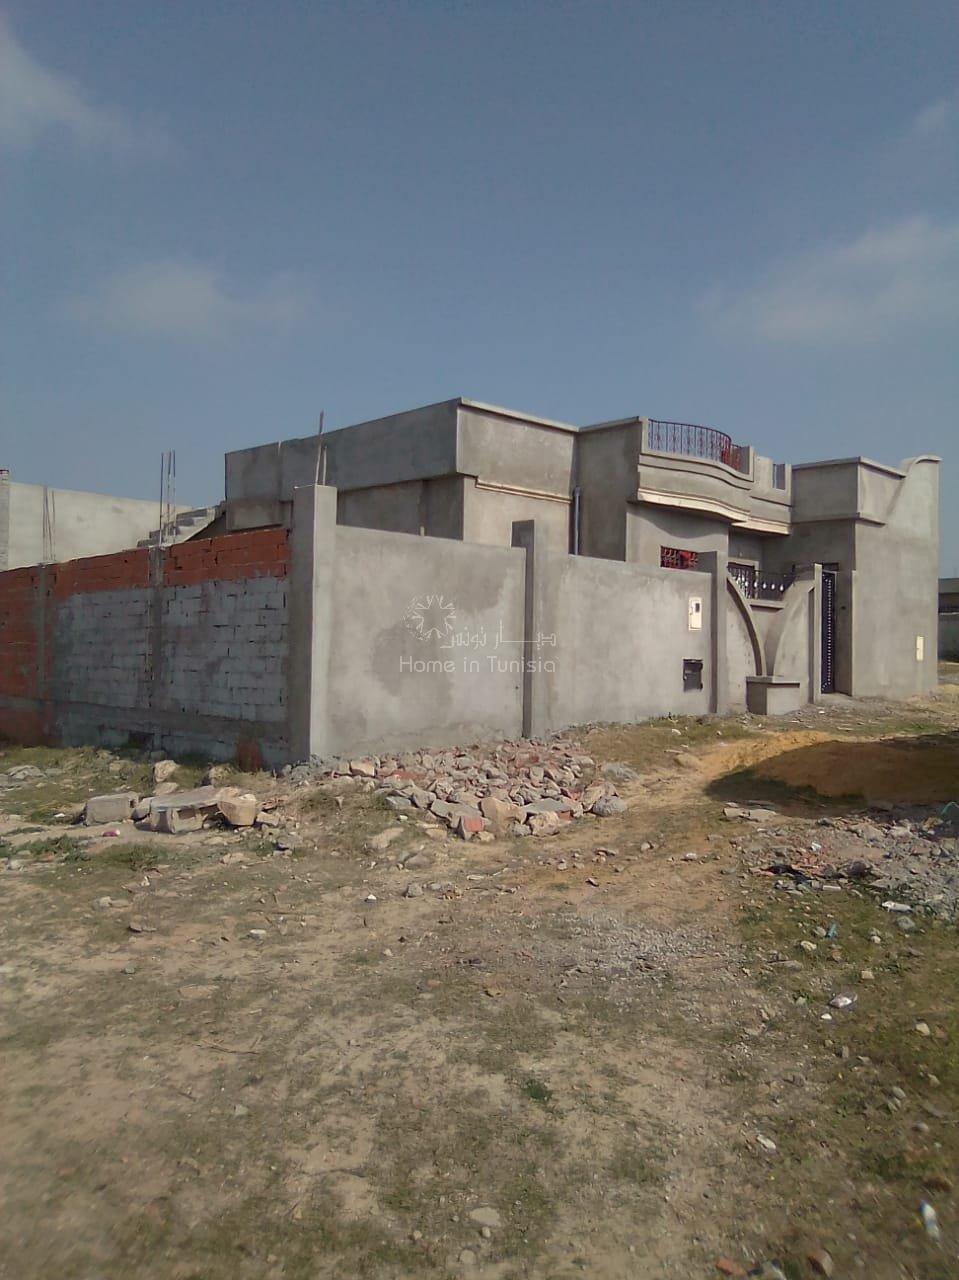 A vendre maison de campagne en cours d'achèvement construction